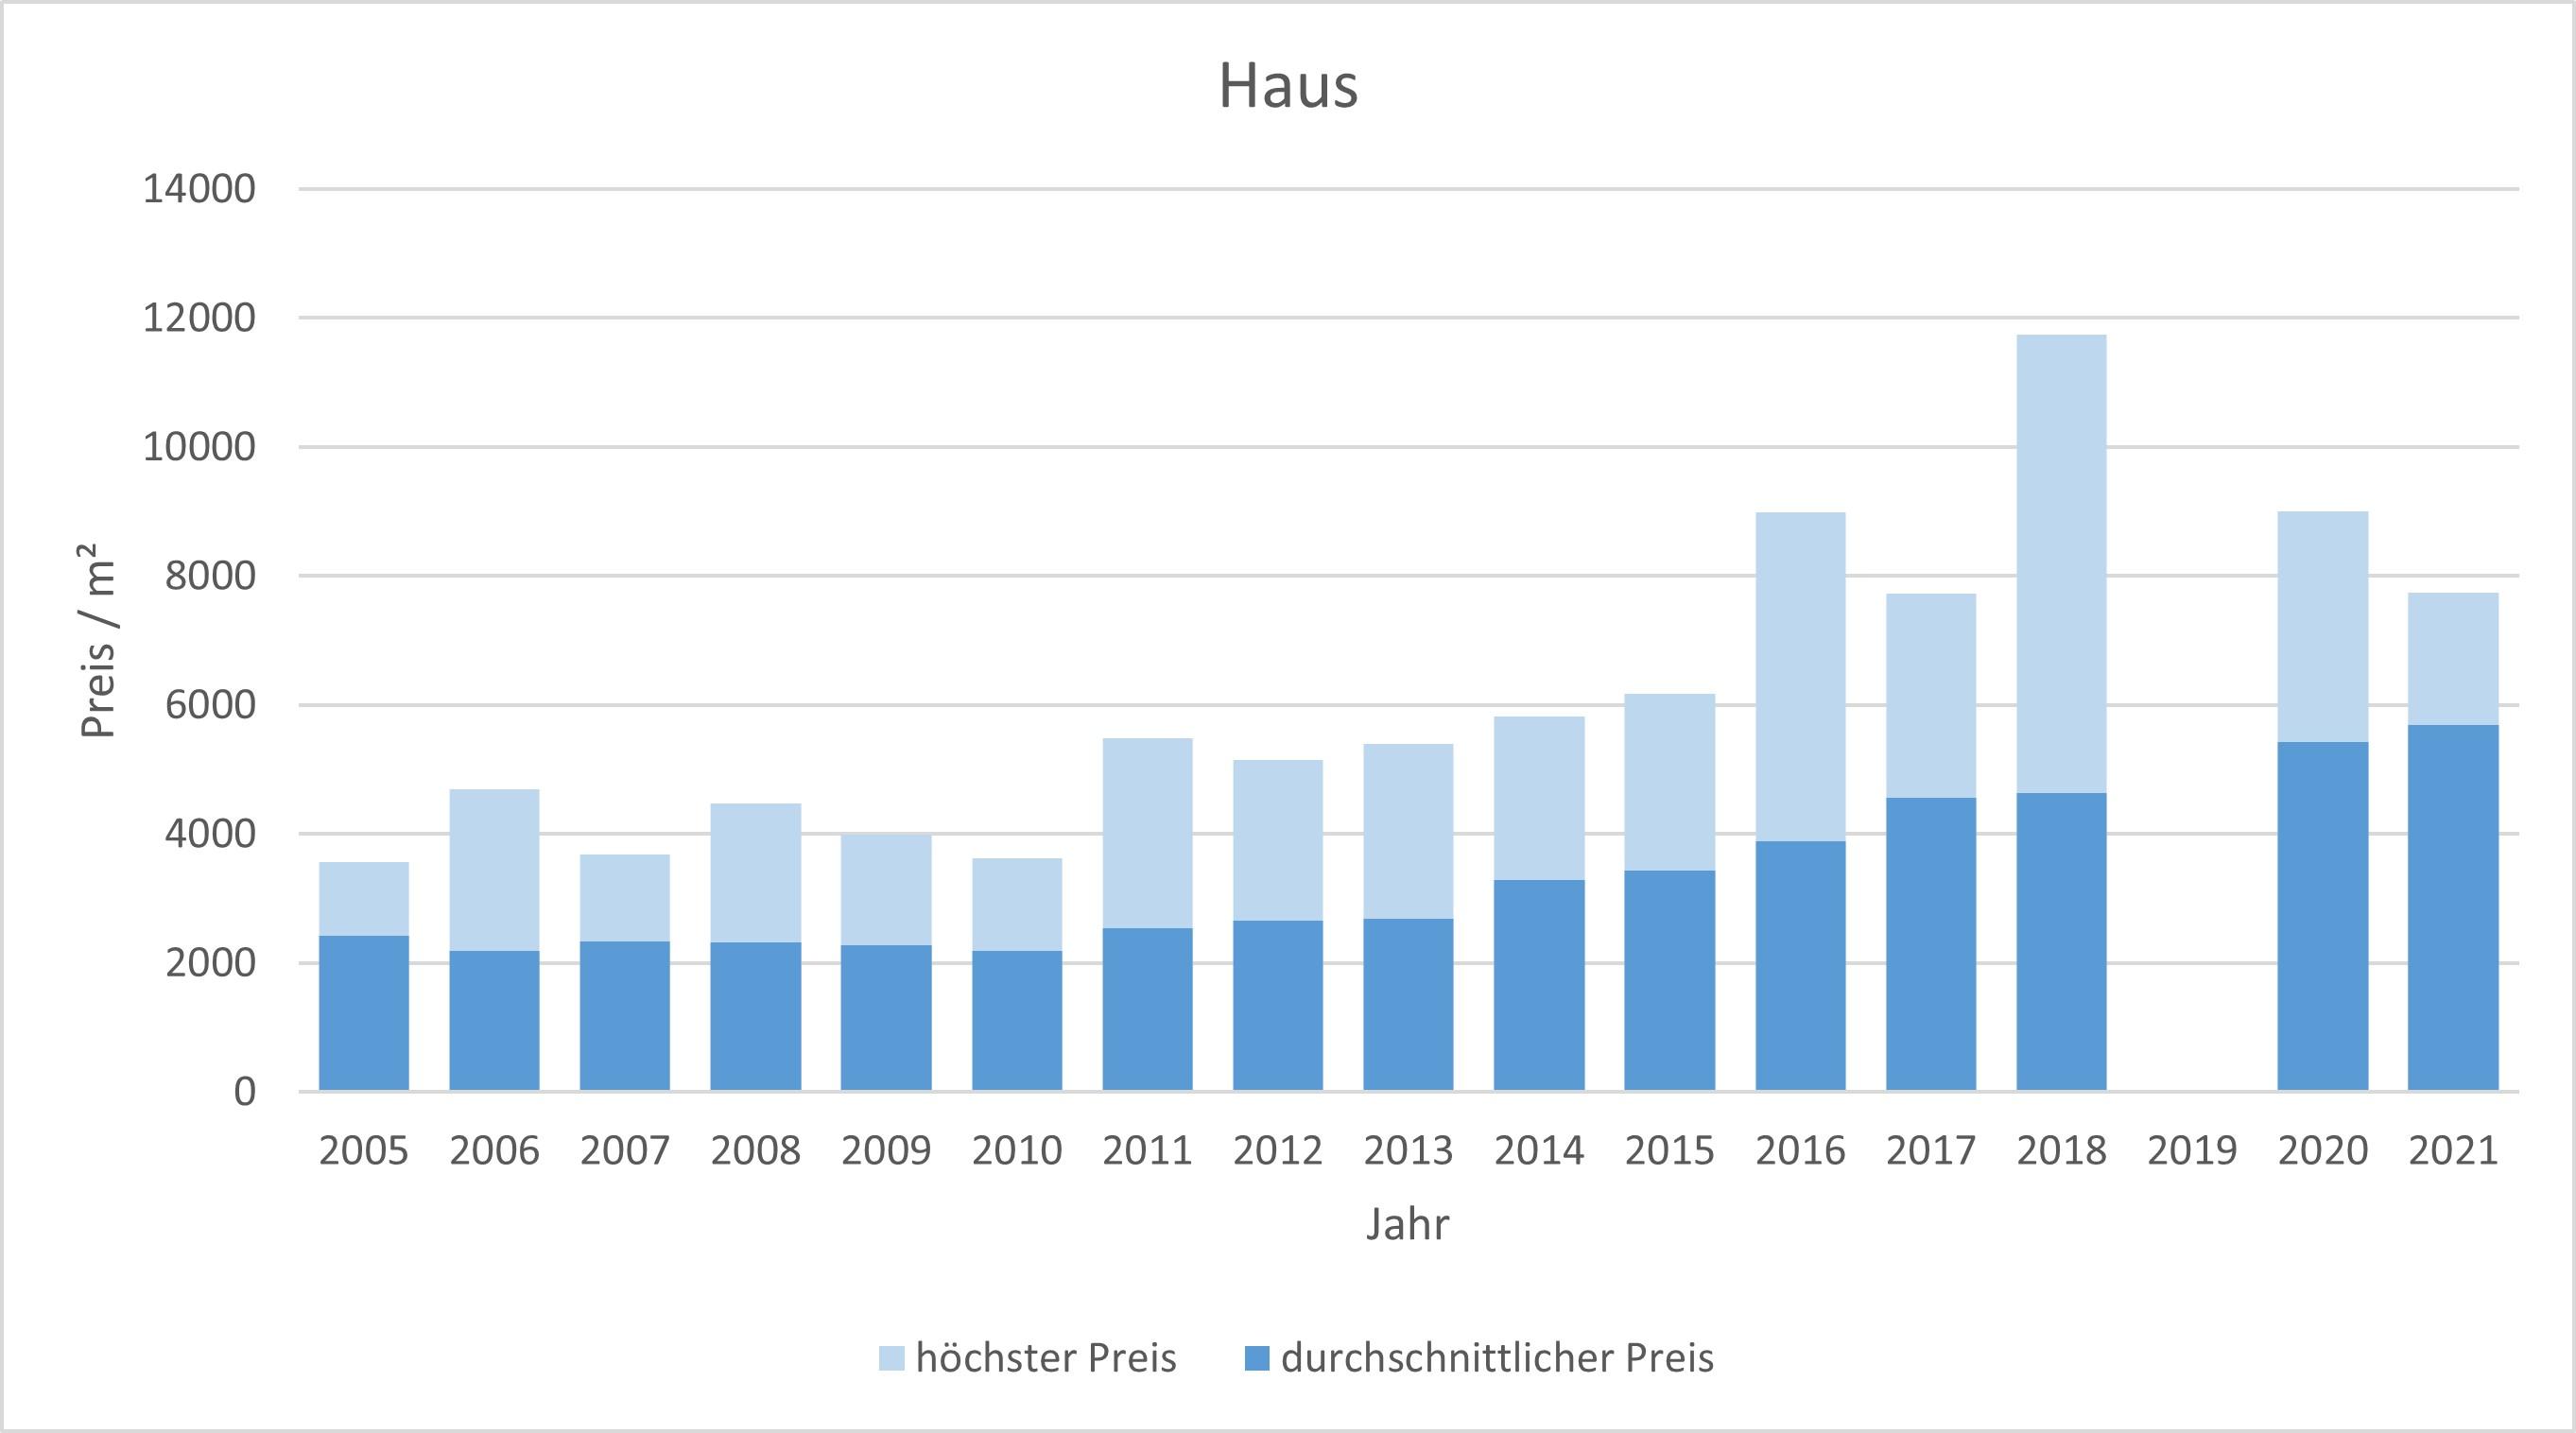 Bruckmühl Haus kaufen verkaufen preis bewertung makler www.happy-immo.de 2019 2020 2021